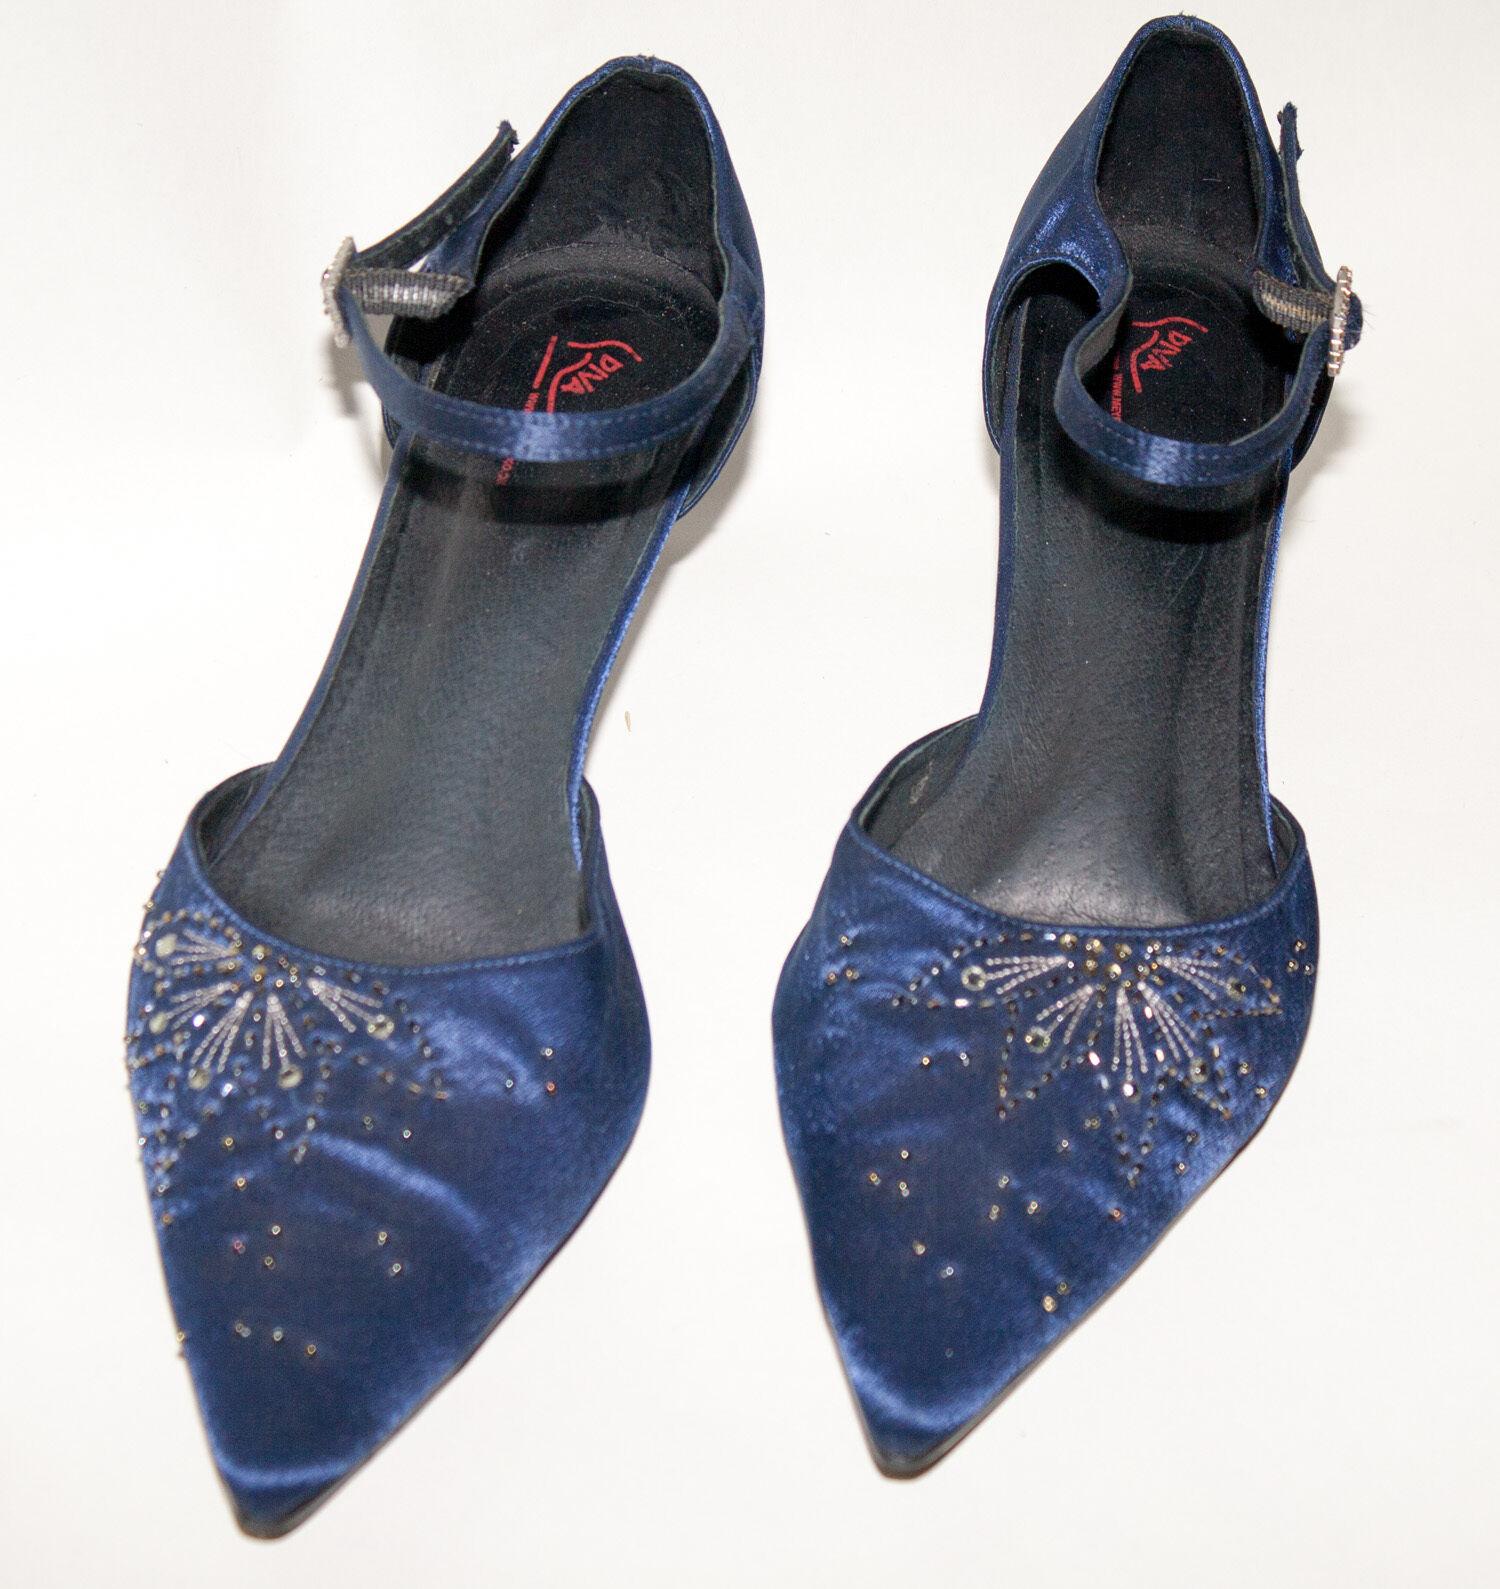 DIVA ♥ Pumps ♥ Schuhe ♥ Gr. ♥ 42 ♥ TOPst  ♥ Gr. Satin bestickt ♥ Pfennigabsatz ♥ ede 3e3e4d